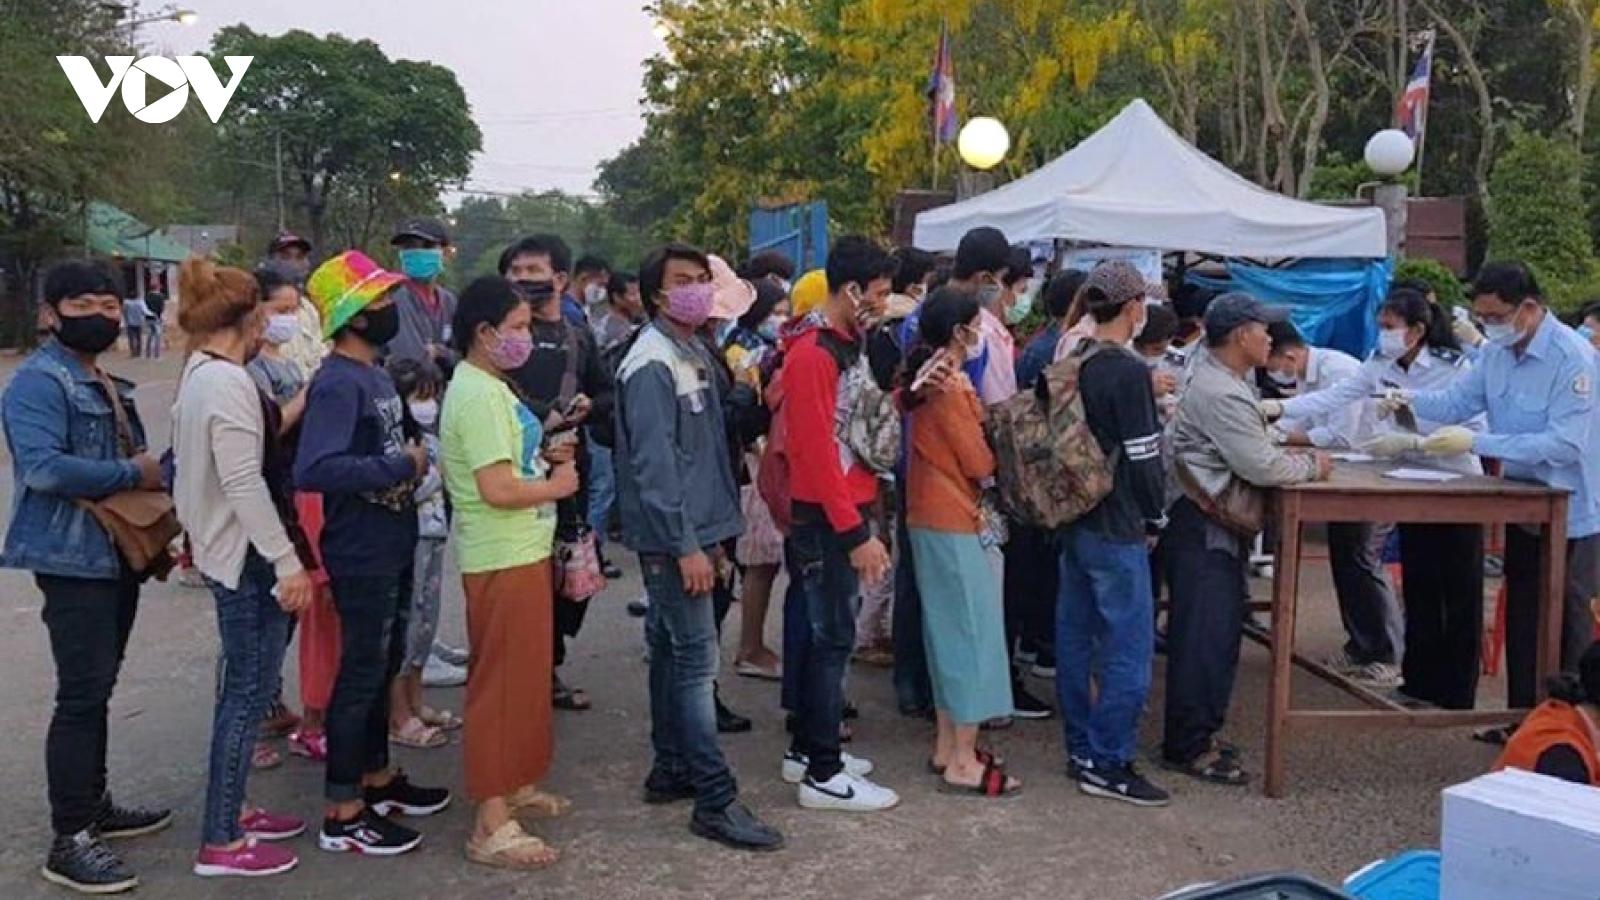 Thách thức lớn của Campuchia trong công tác phòng chống dịch Covid-19